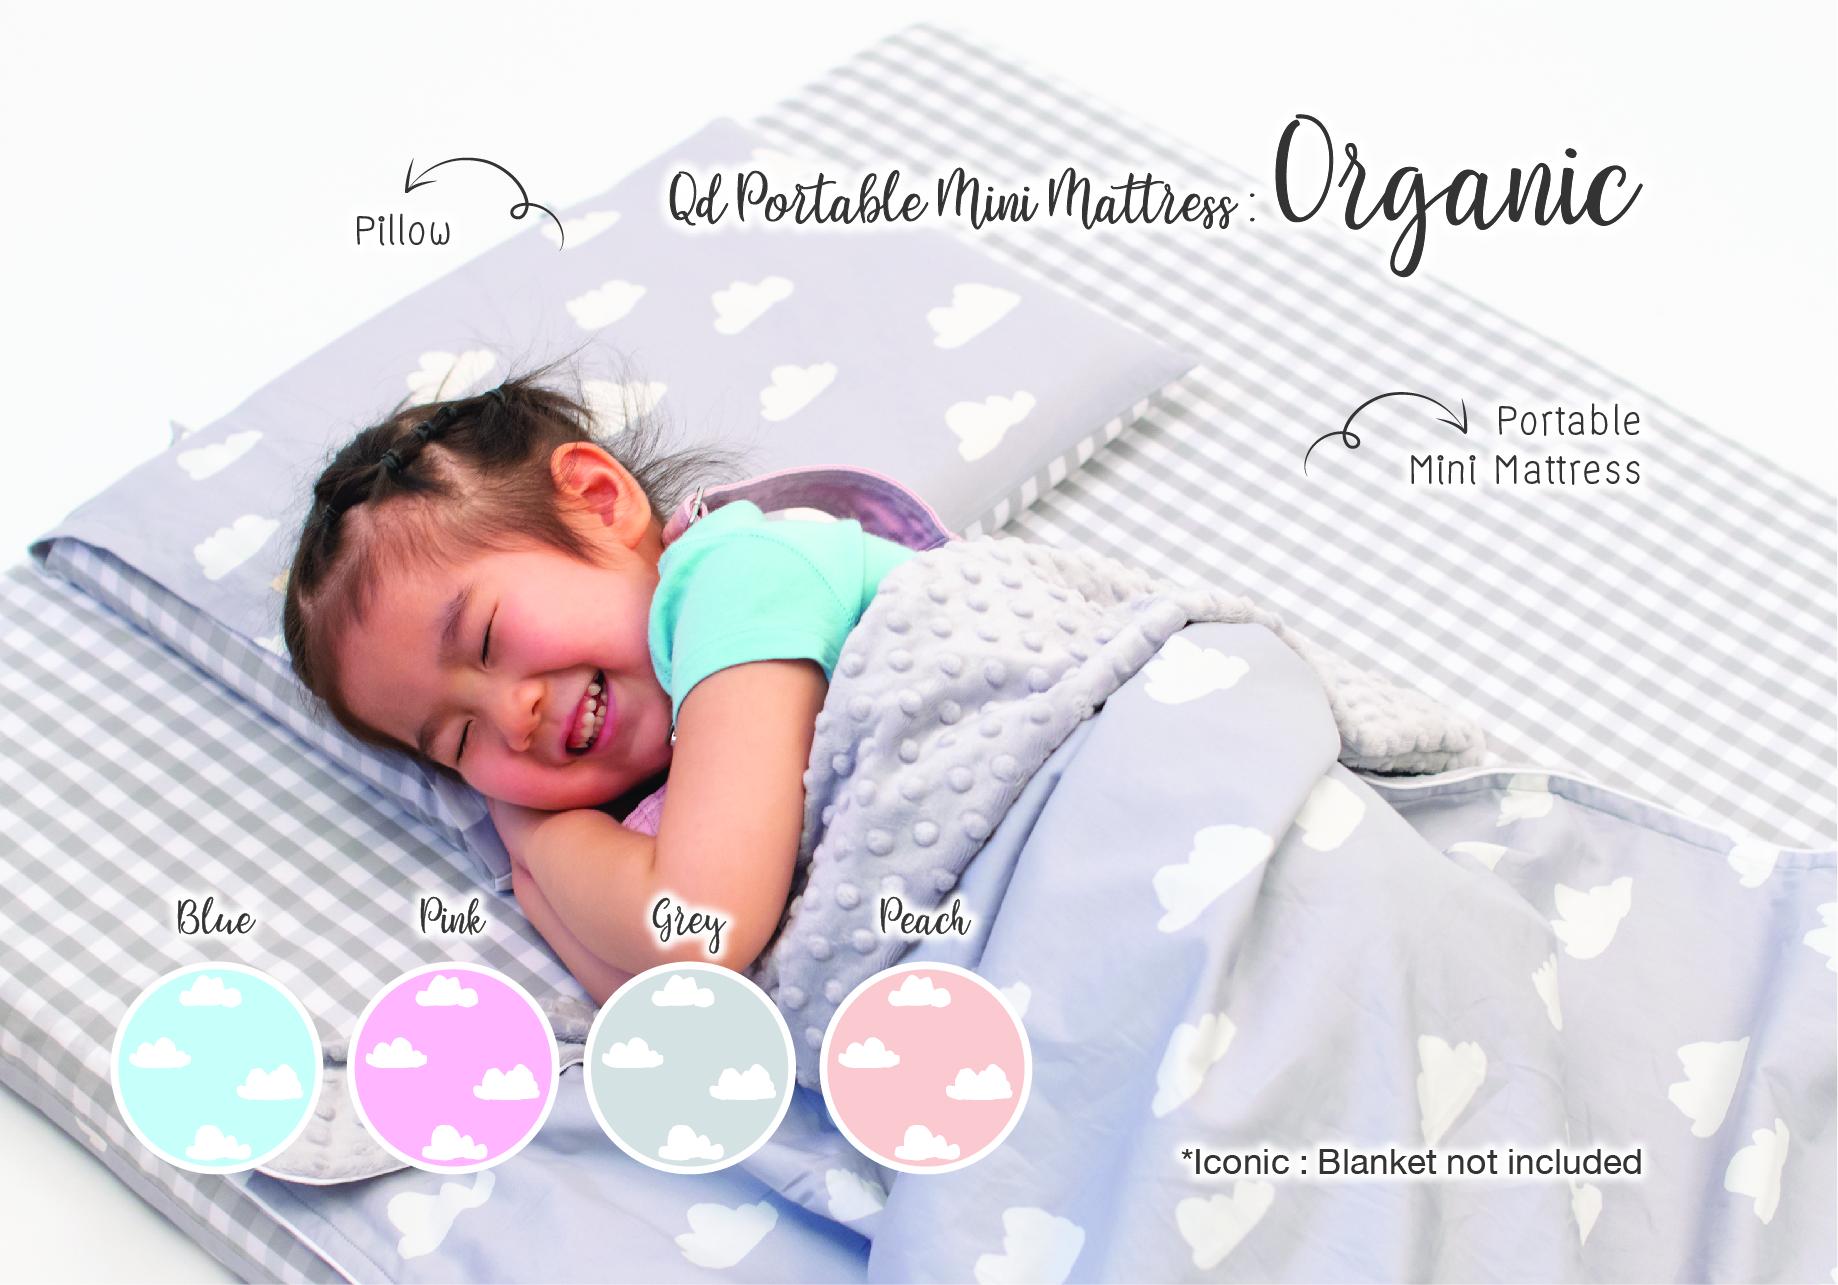 Qd Portable Mini Mattress : Organic